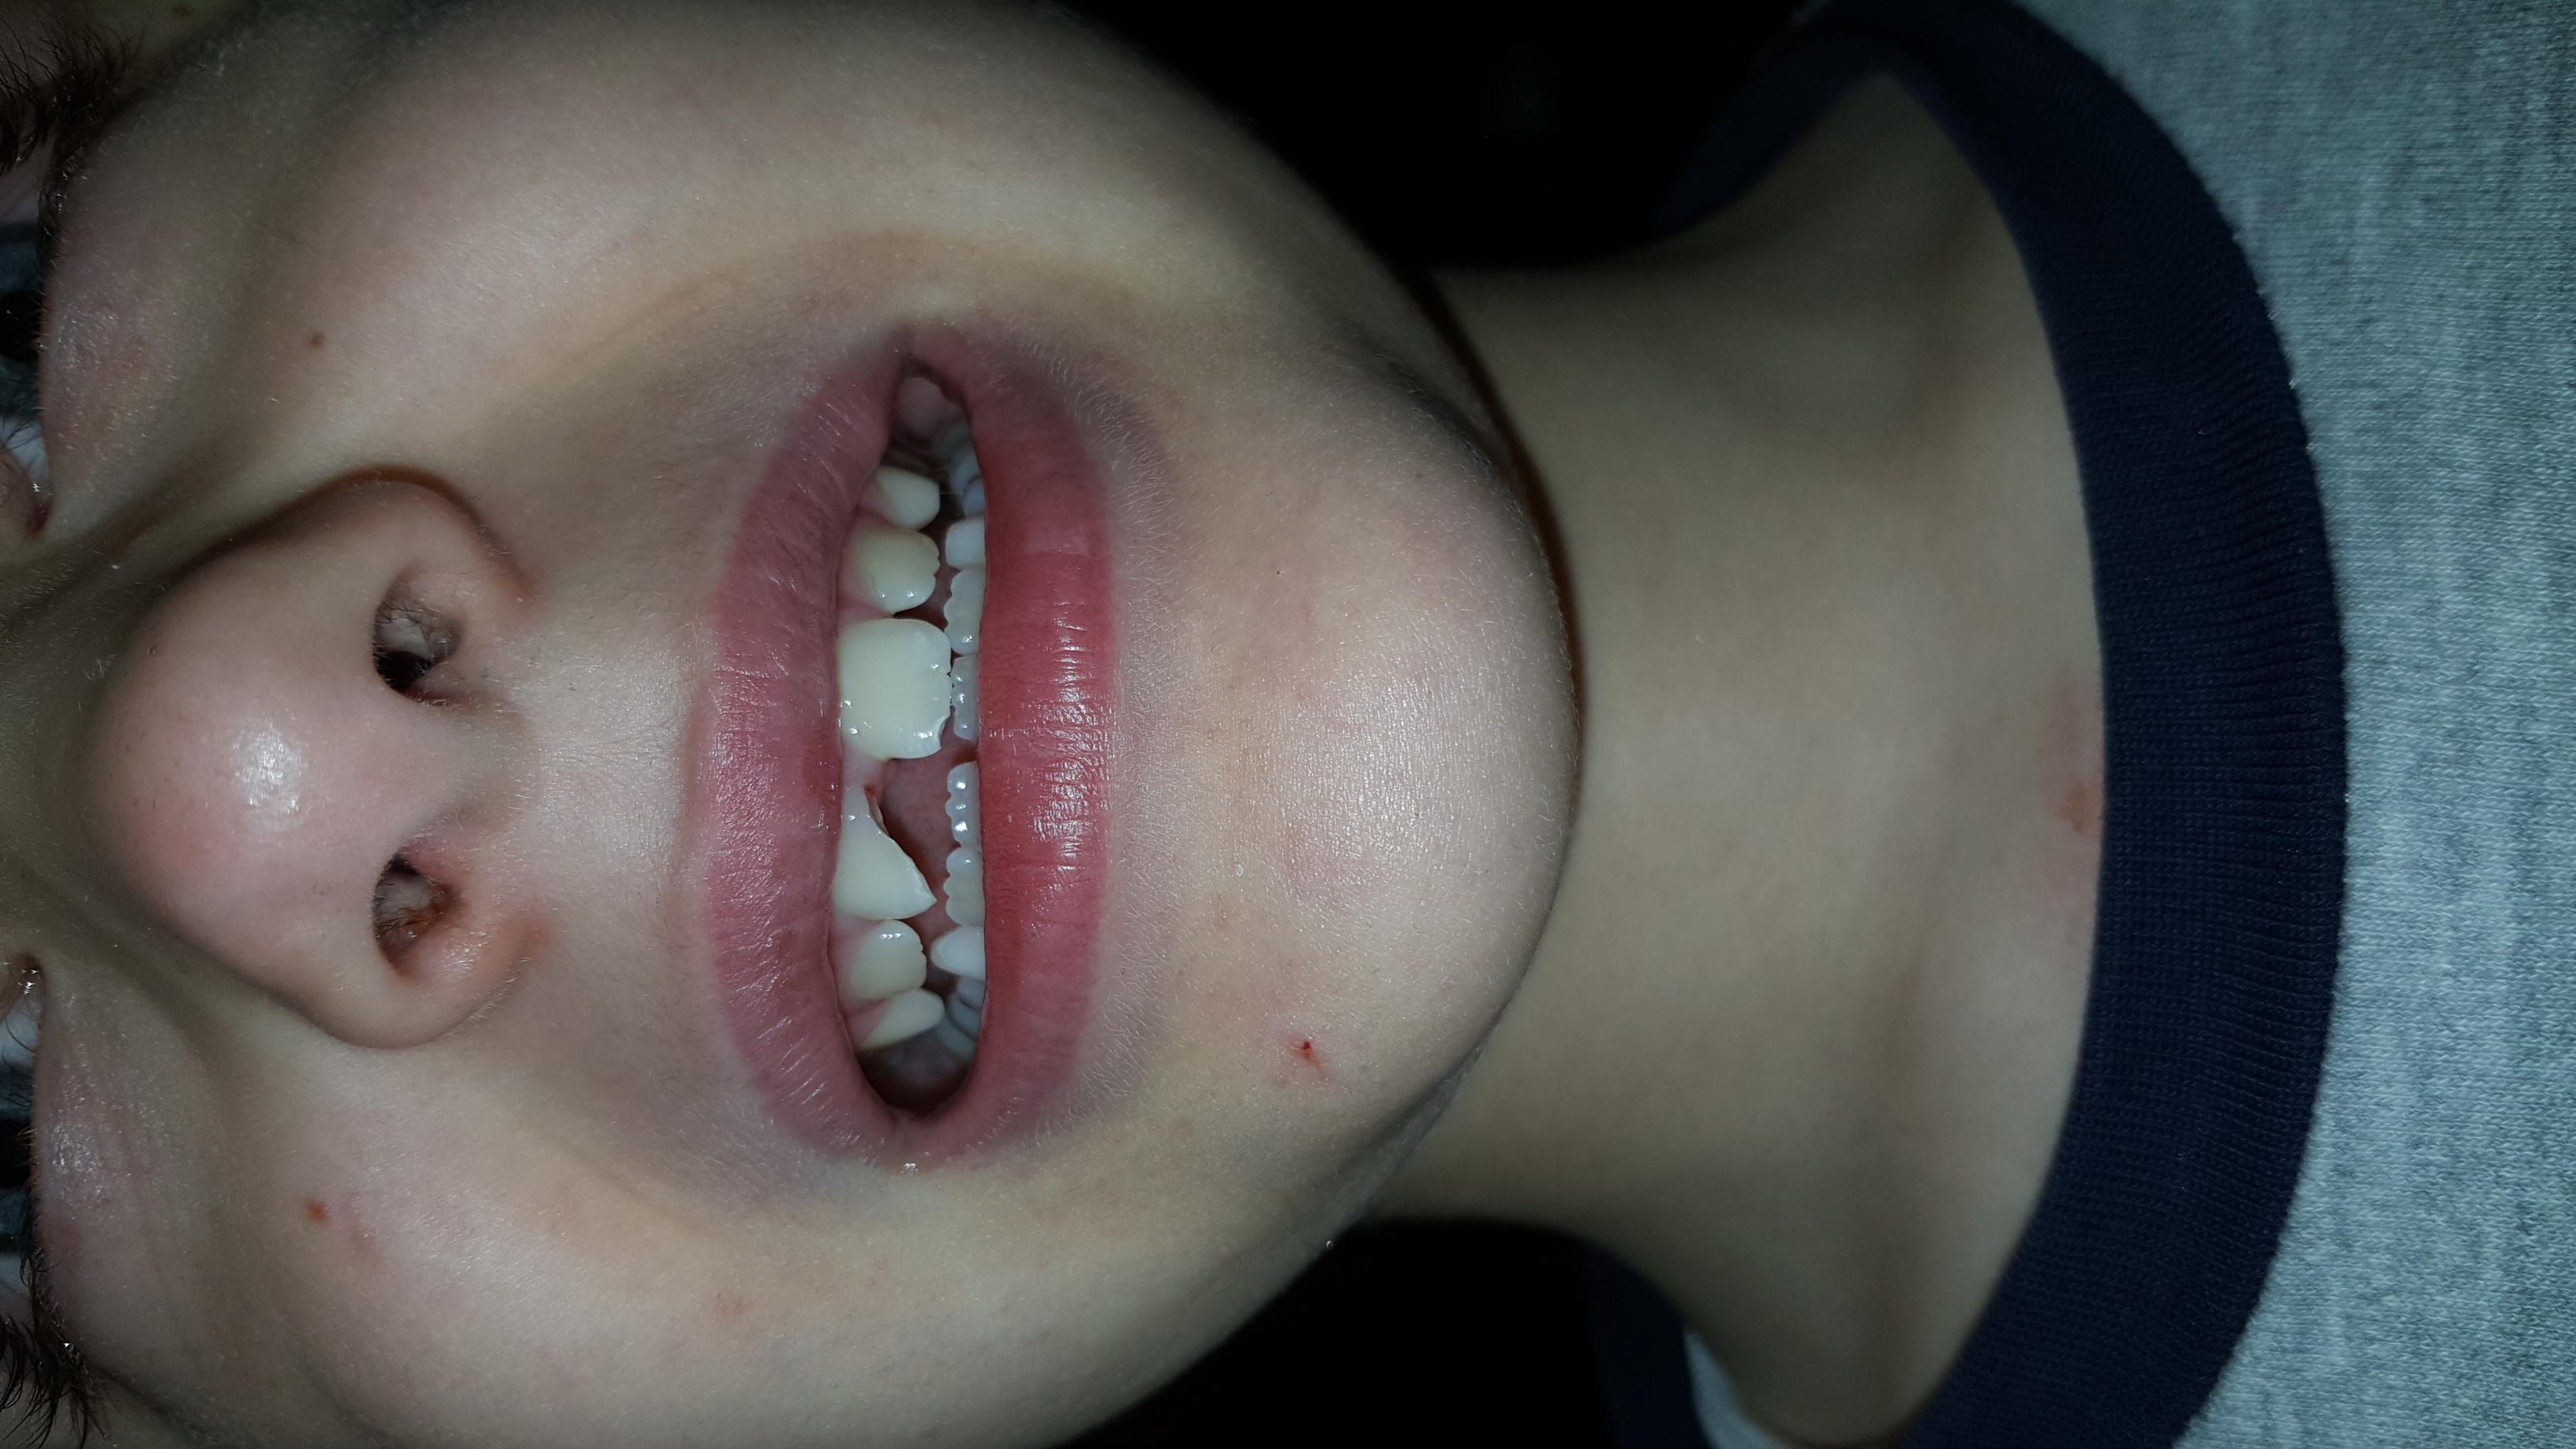 Mio figlio di 7 anni giocando a calcio e caduto rompendo l'incisivo